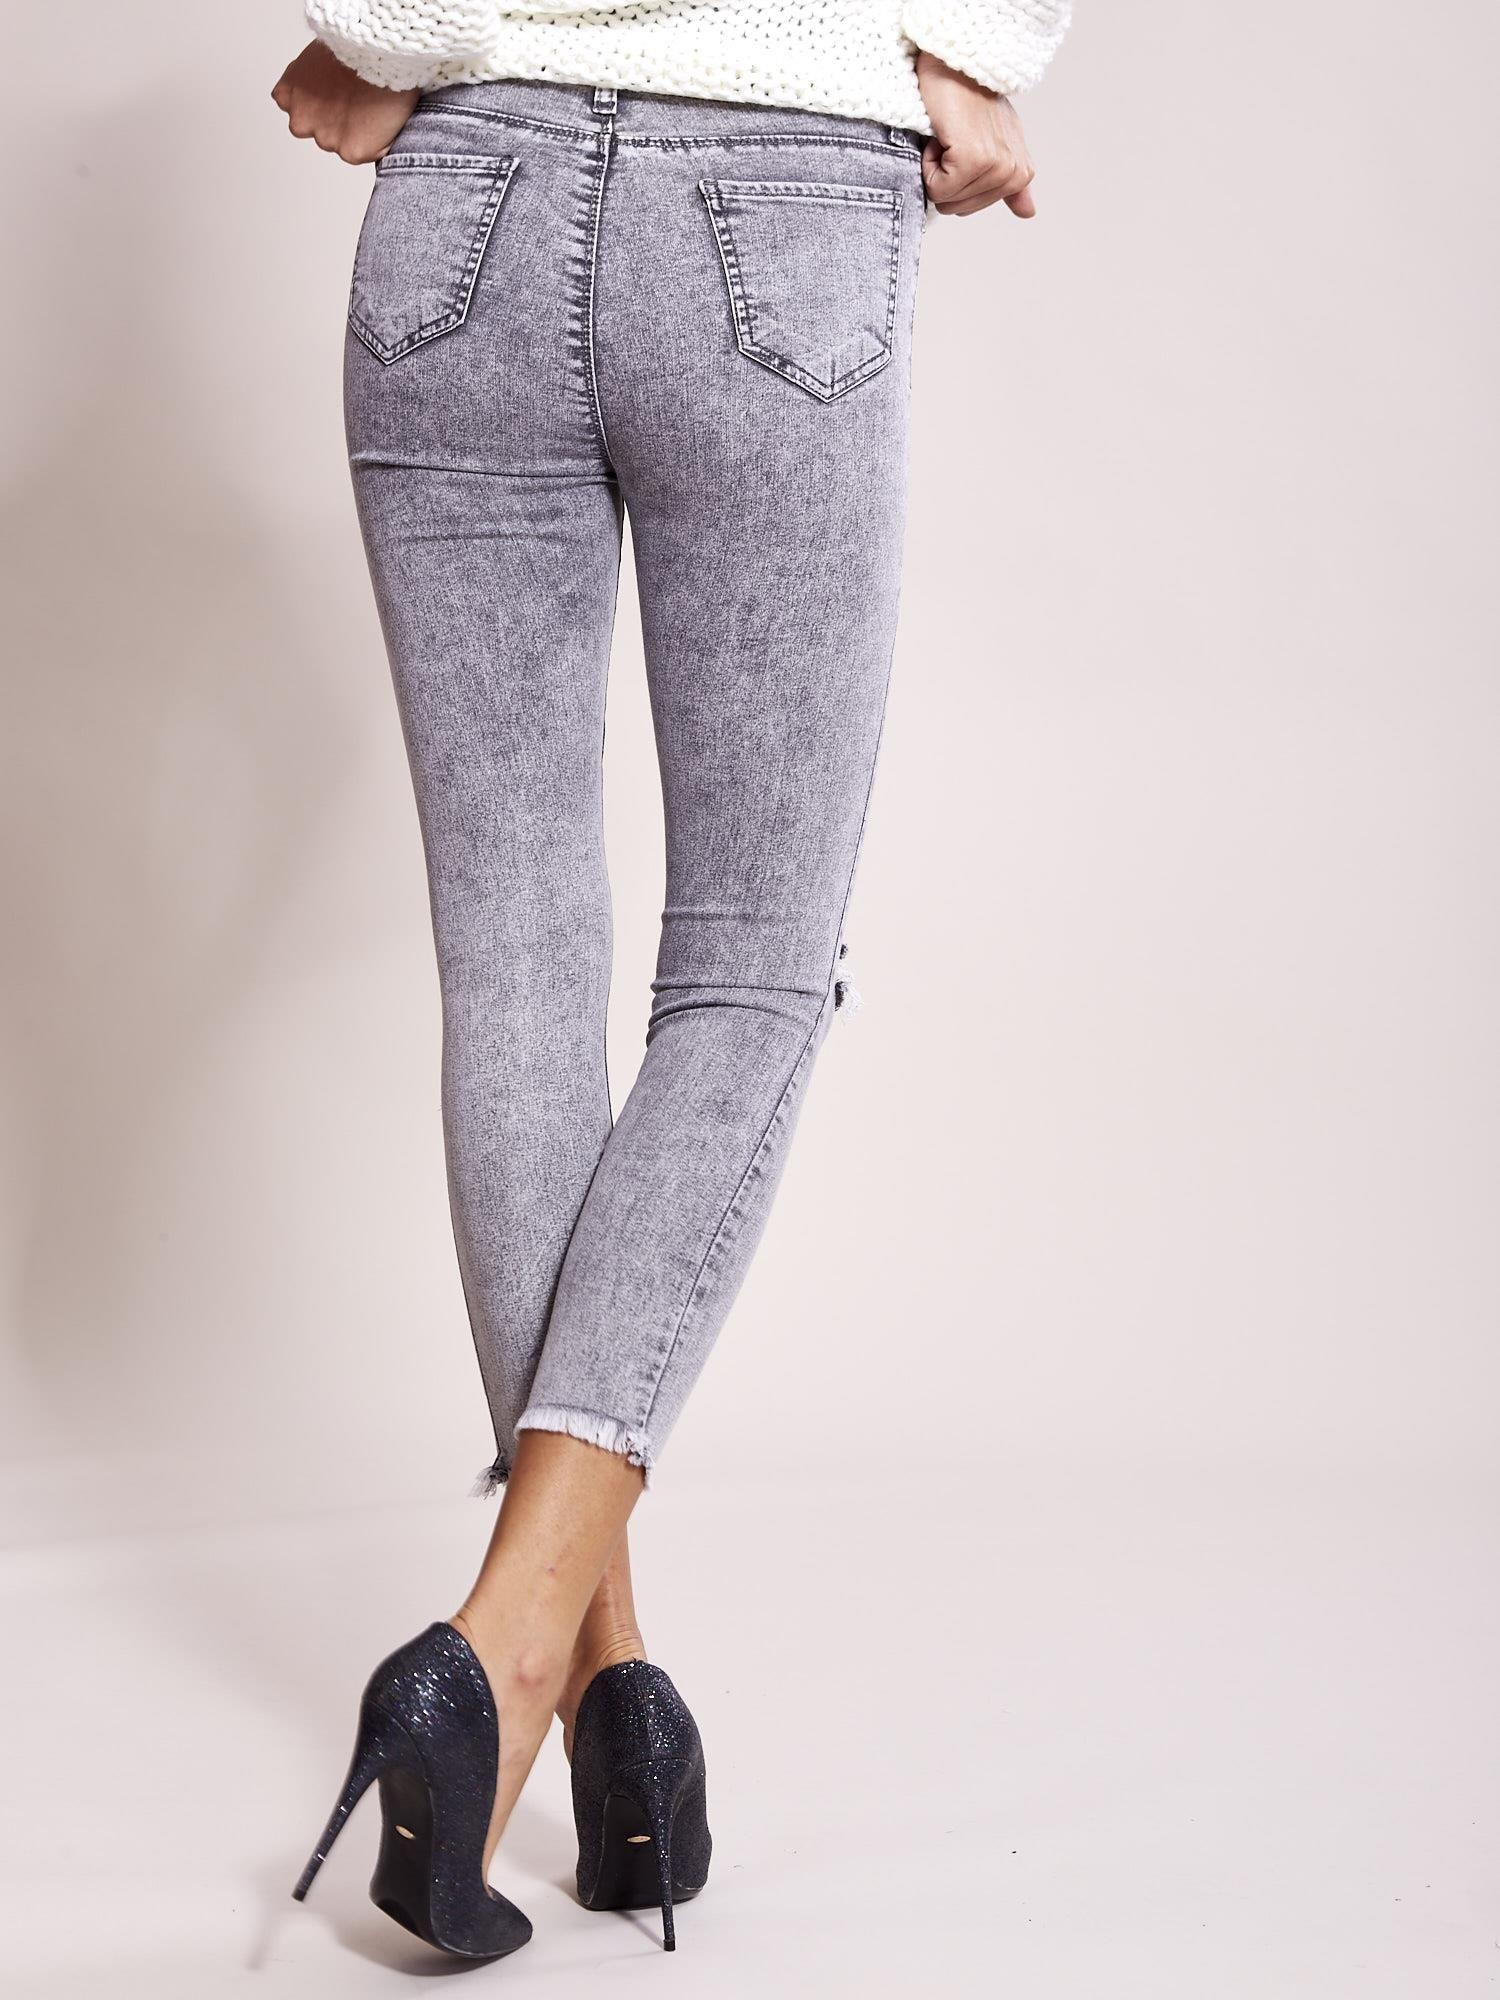 434fa0b773 Szare jeansy z wysokim stanem - Spodnie jeansowe - sklep eButik.pl